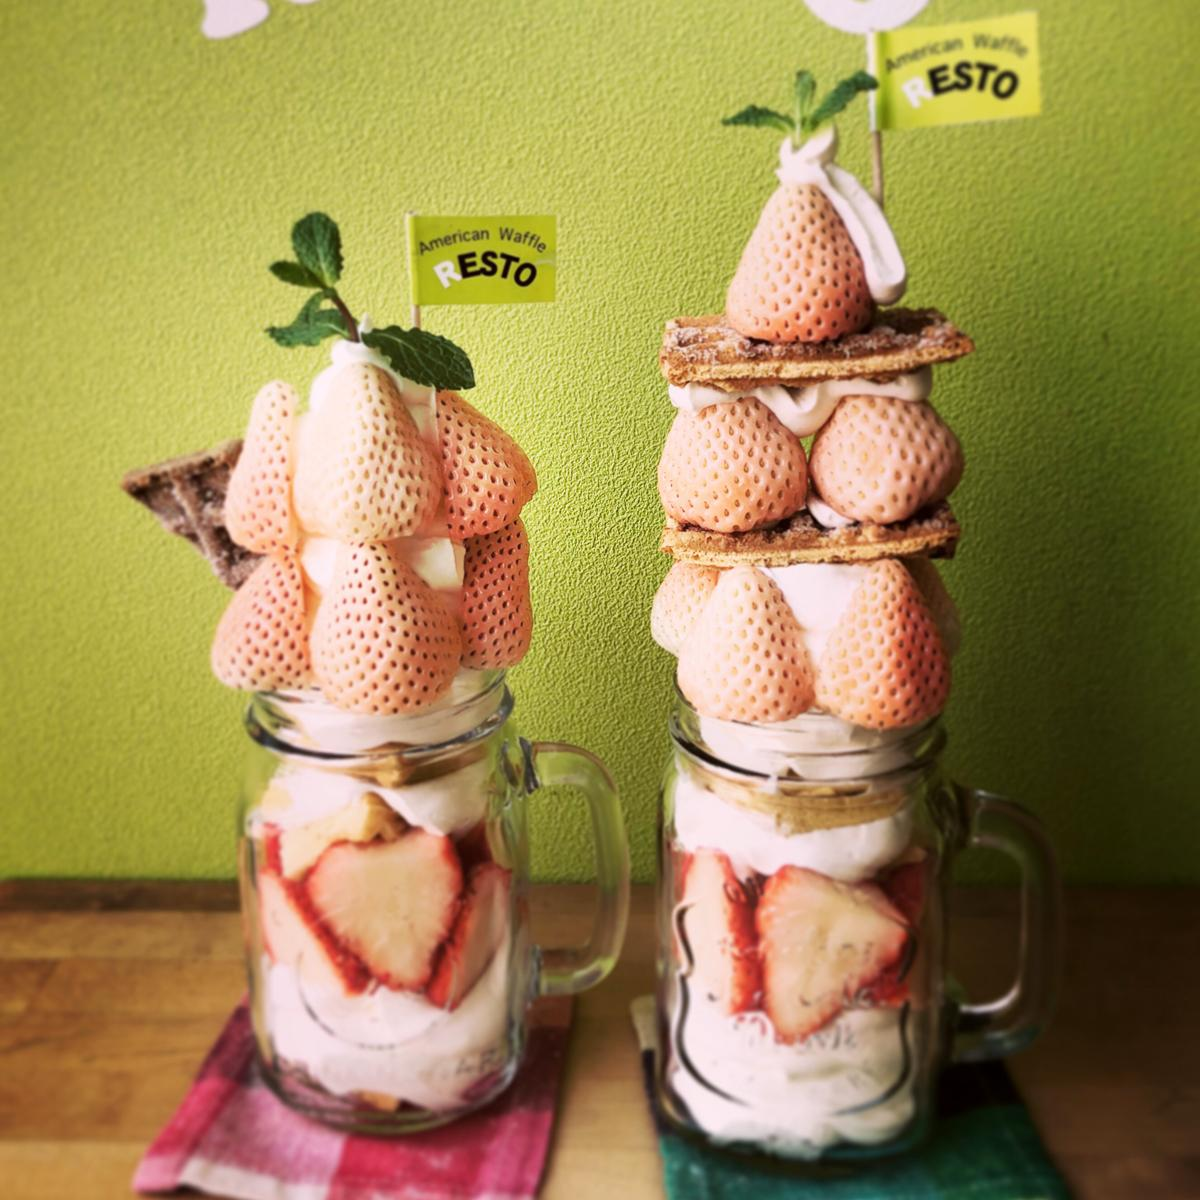 「白イチゴのワッフルパフェ」(左)、「白イチゴのワッフルパフェ ザ・セカンド」(右)高さは25センチ